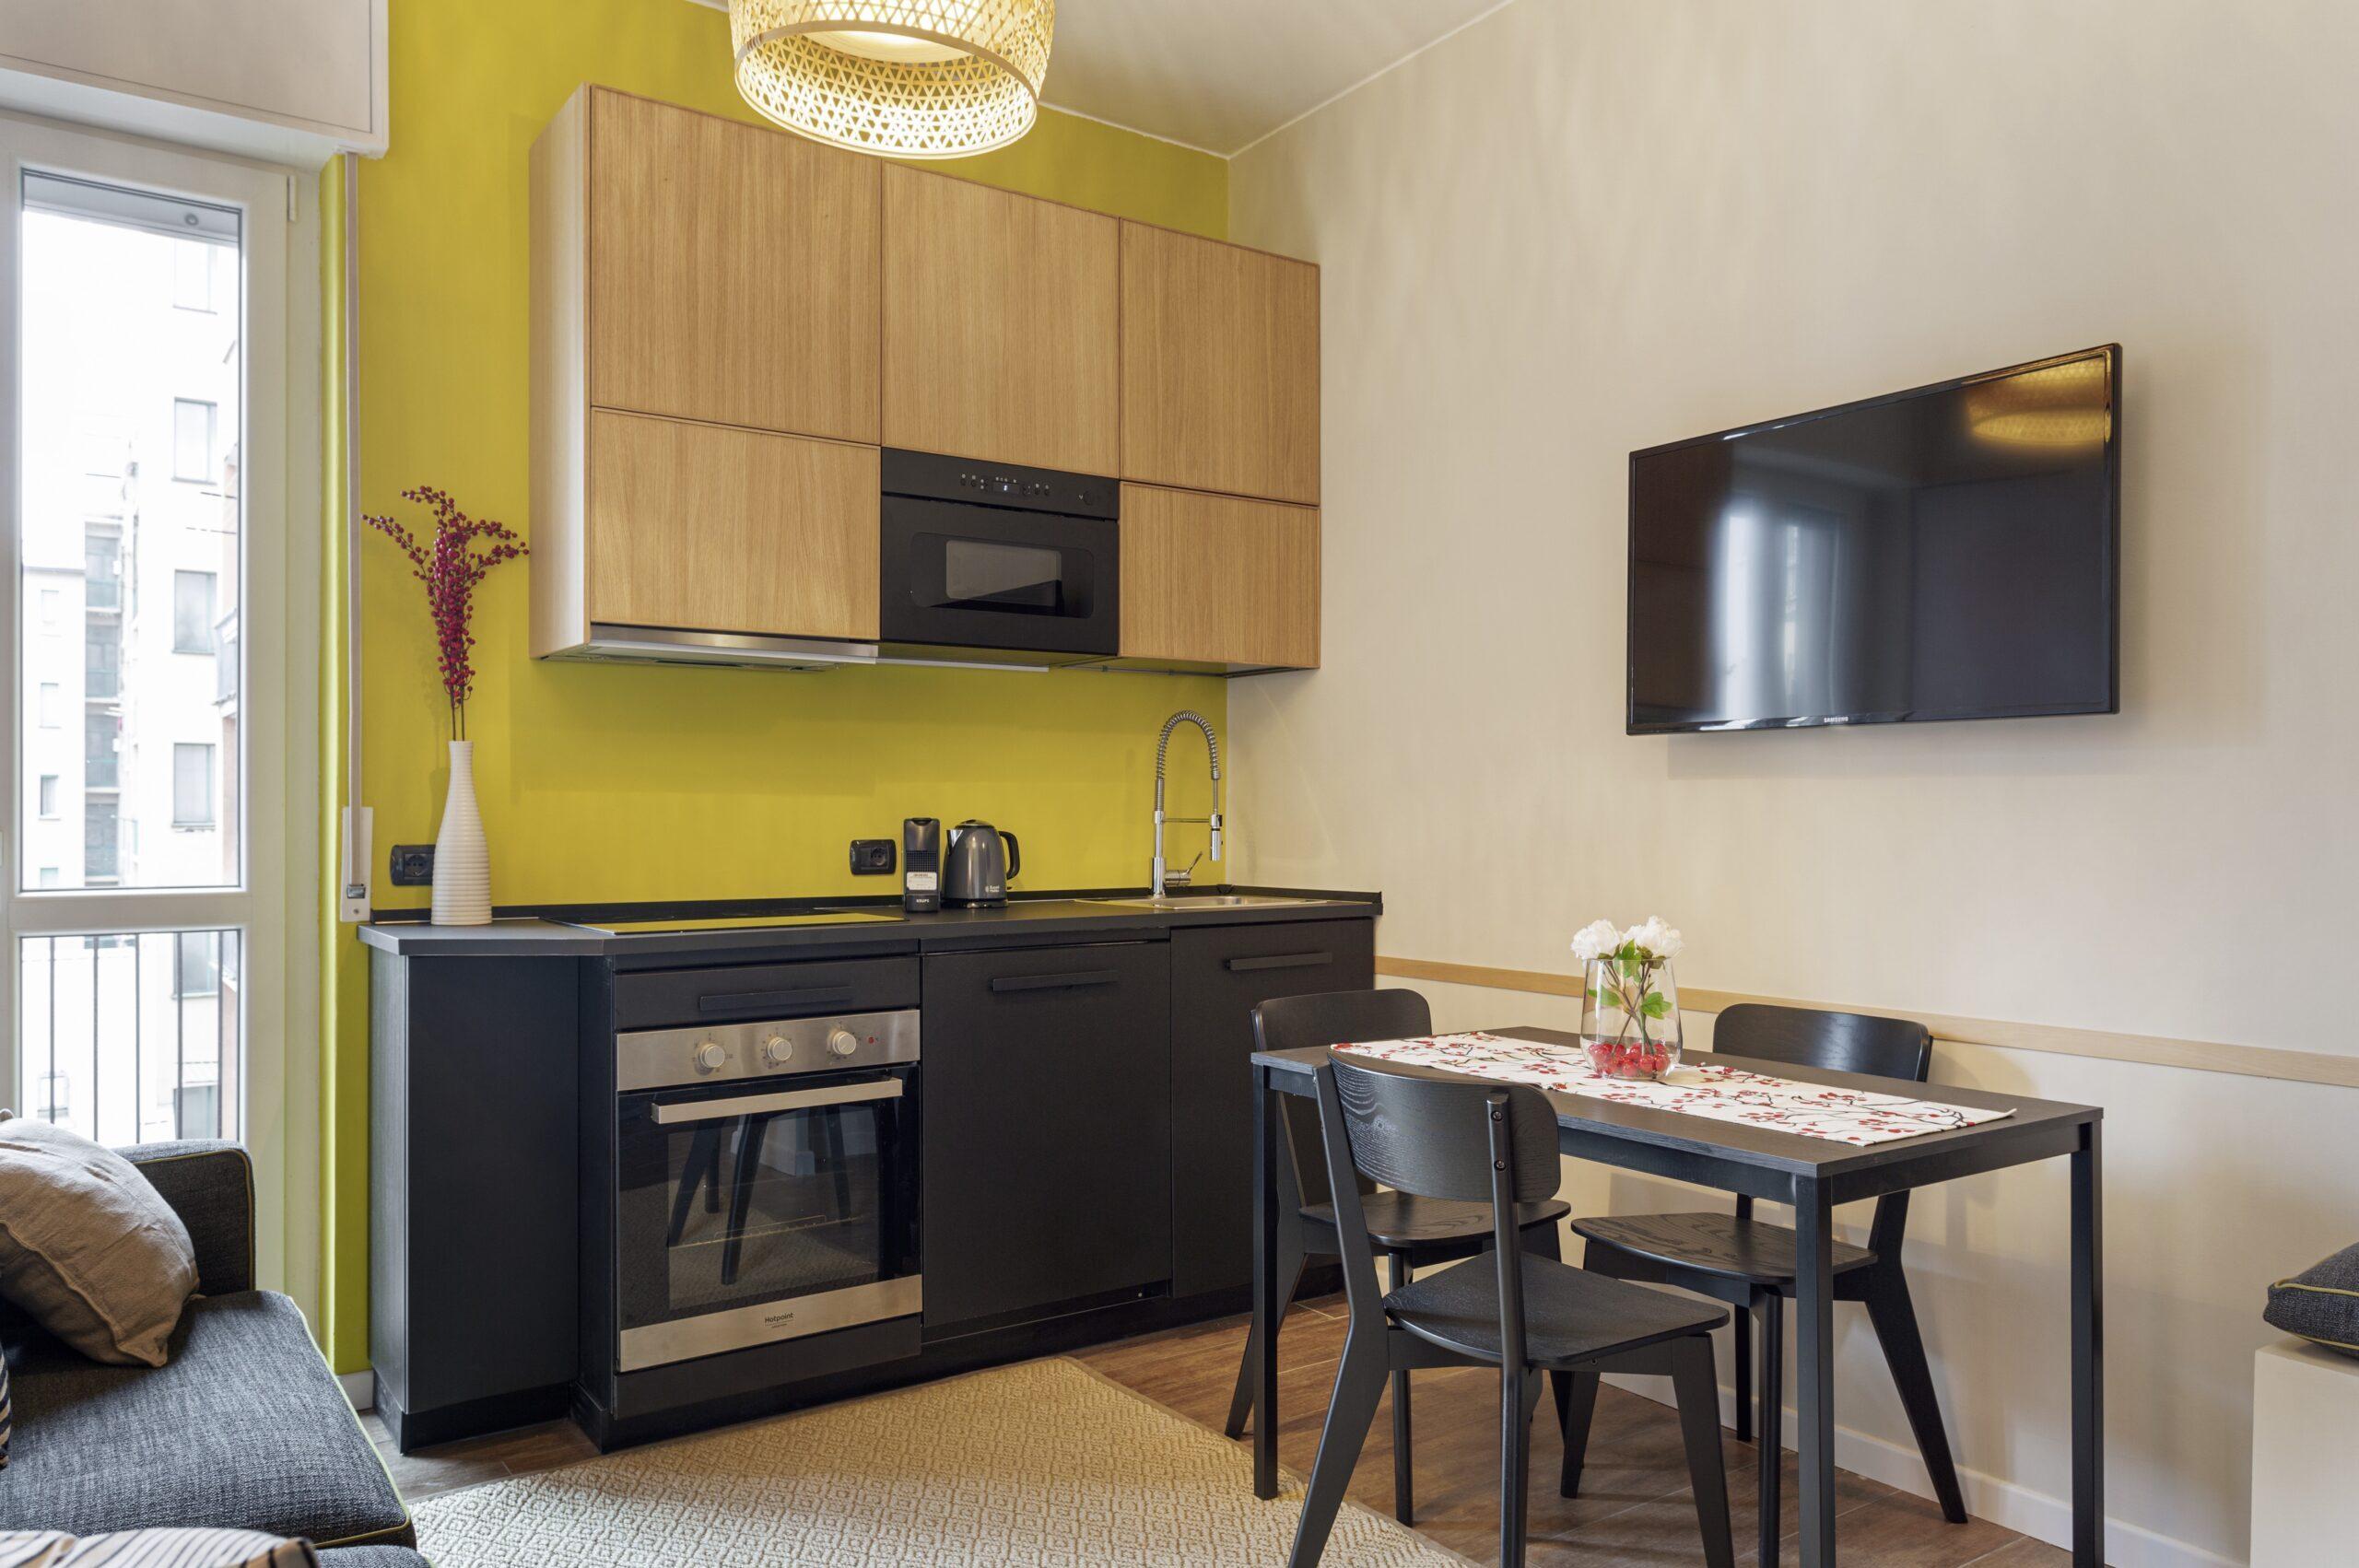 Bilocale Urbanese soggiorno/cucina camera